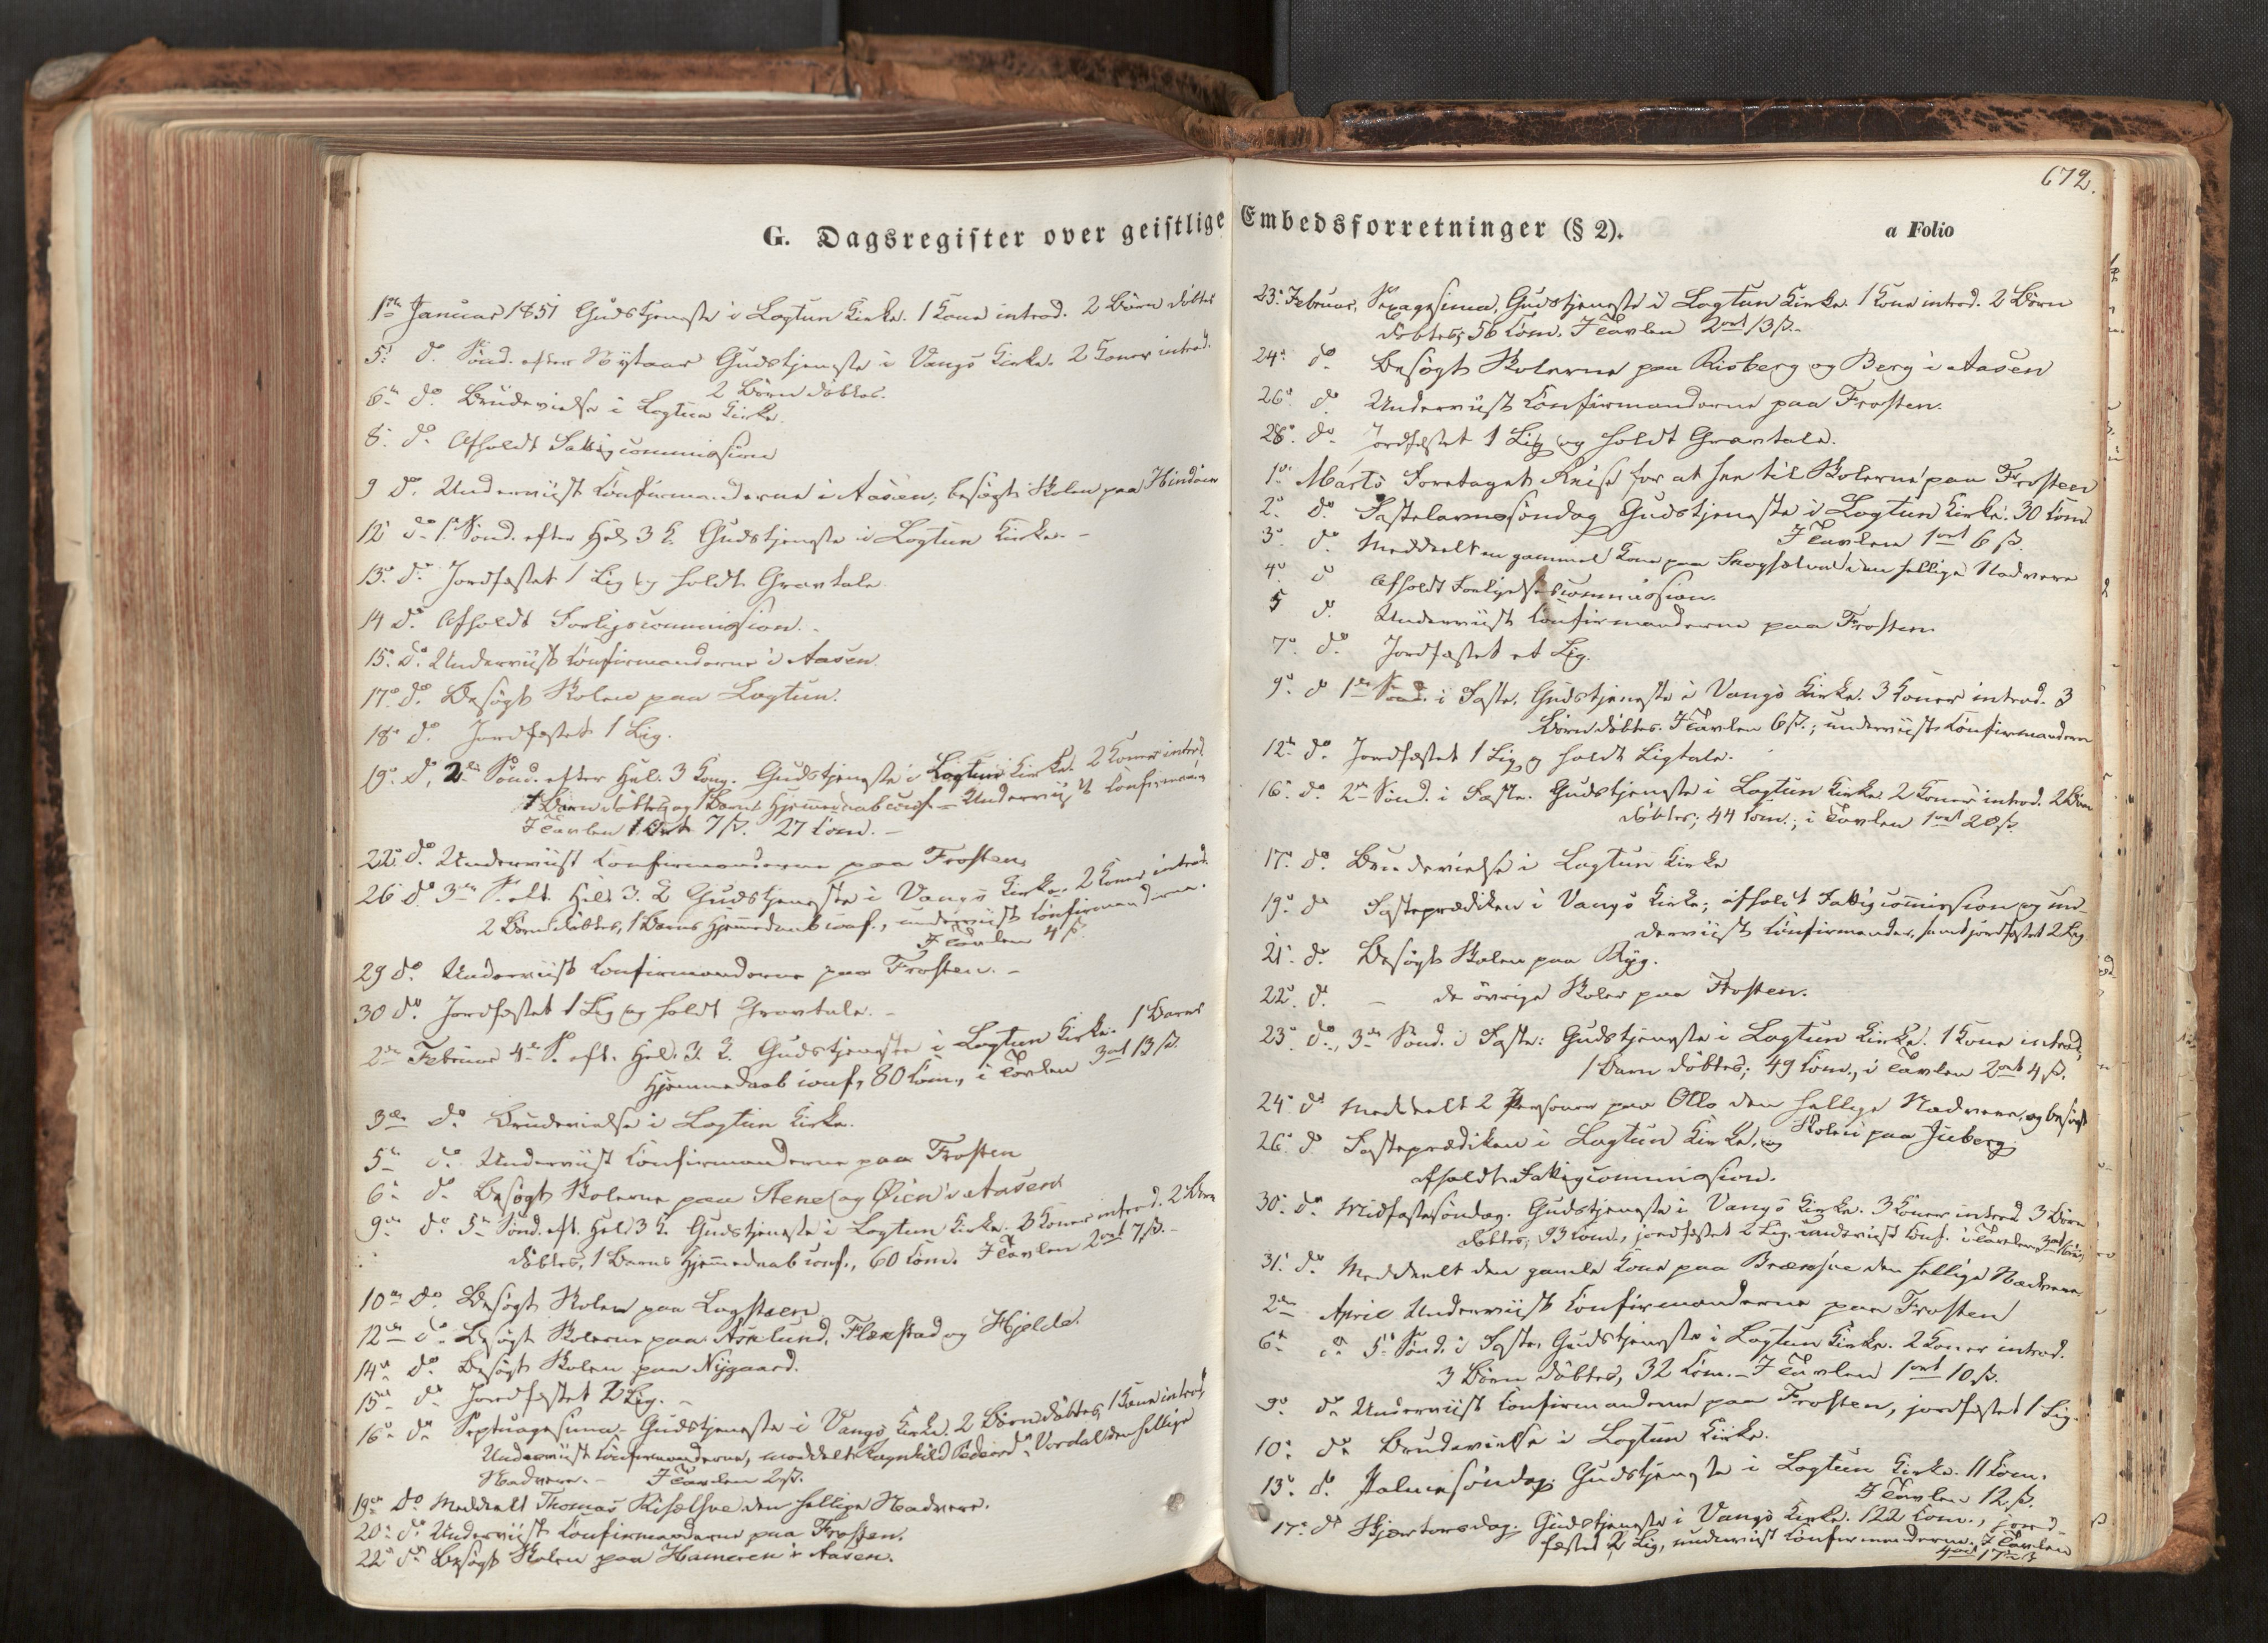 SAT, Ministerialprotokoller, klokkerbøker og fødselsregistre - Nord-Trøndelag, 713/L0116: Ministerialbok nr. 713A07, 1850-1877, s. 672